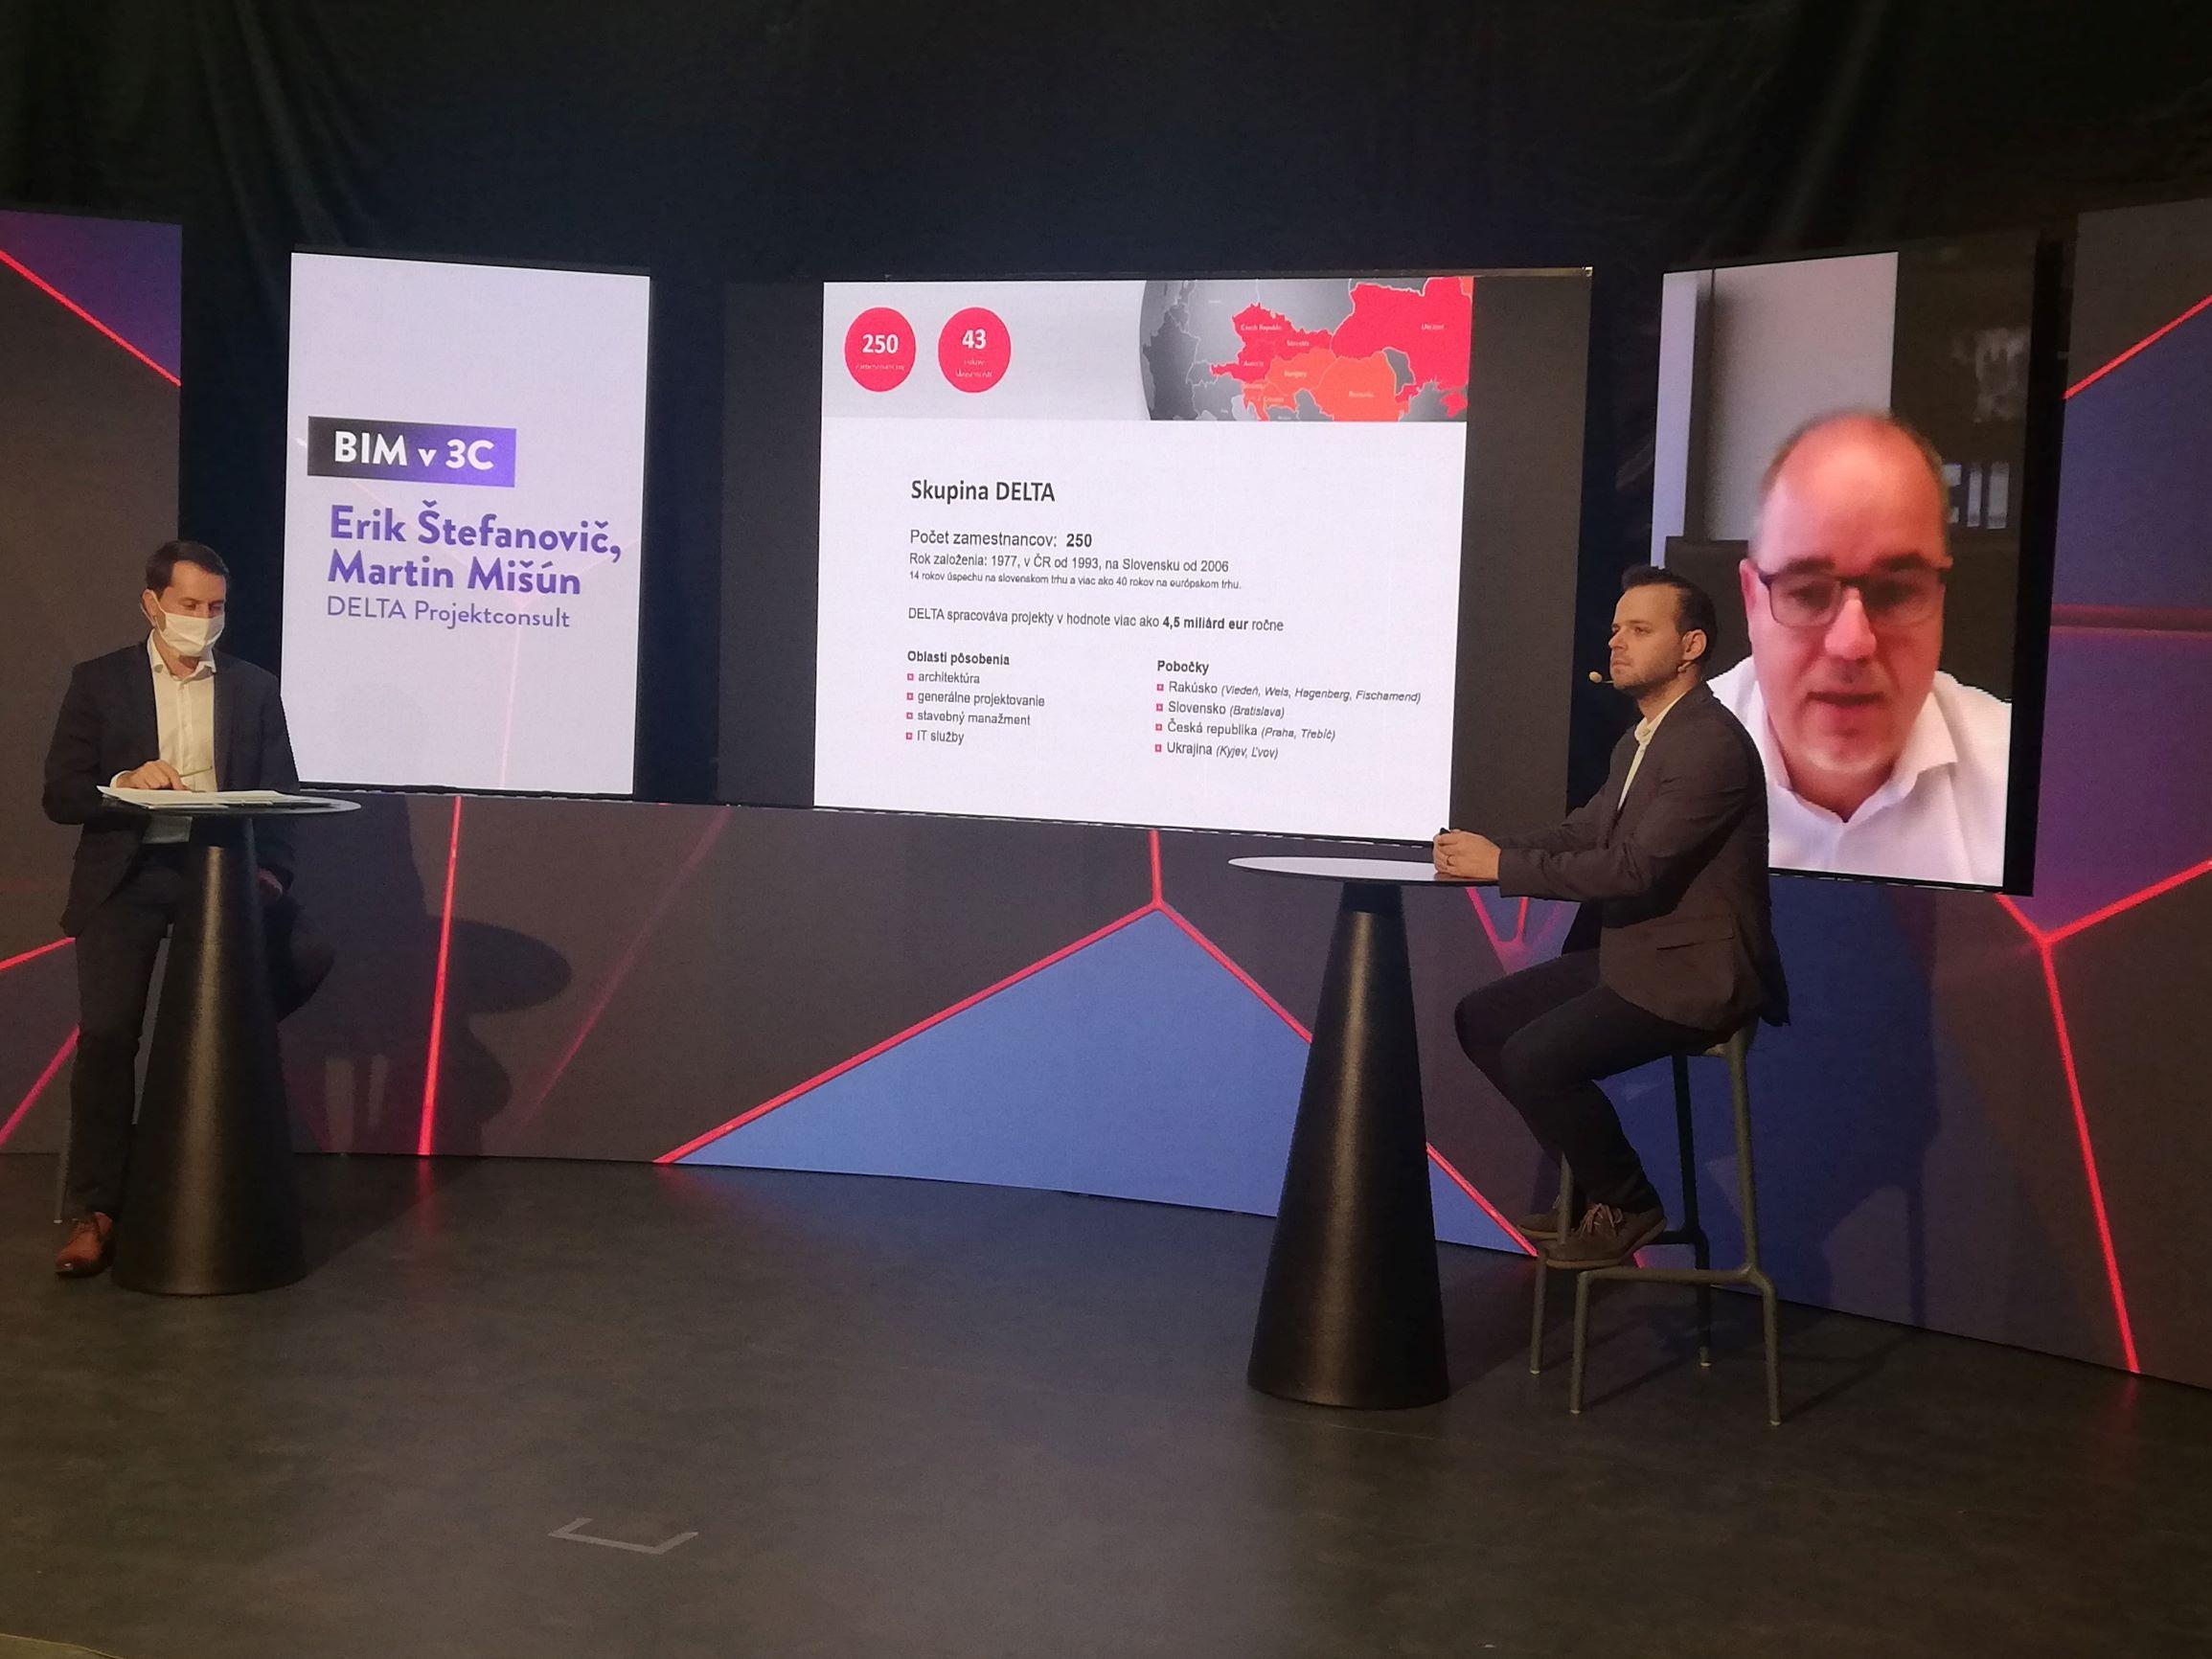 Virtuální setkání odborníků na konferenci BIM a digitalizace ve stavebnictví 2020 v Bratislavě